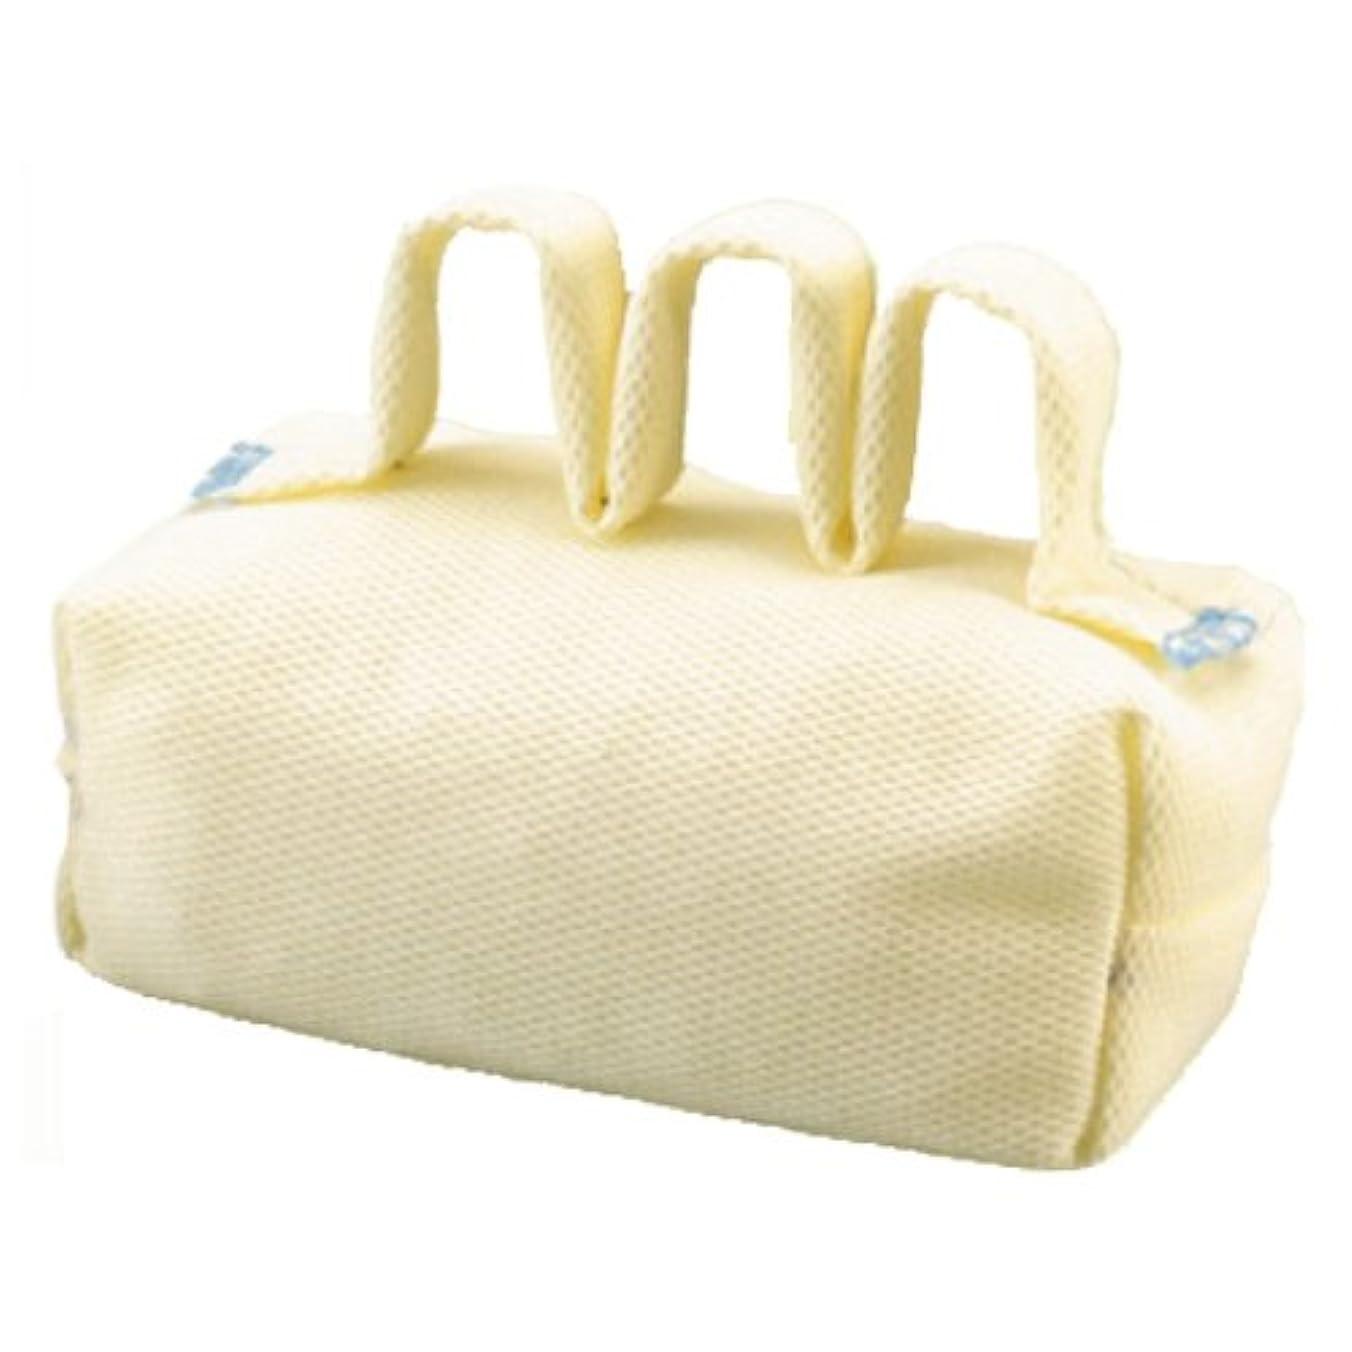 思い出させる乳製品ネブ通気ビーススティック クリーム C 1073